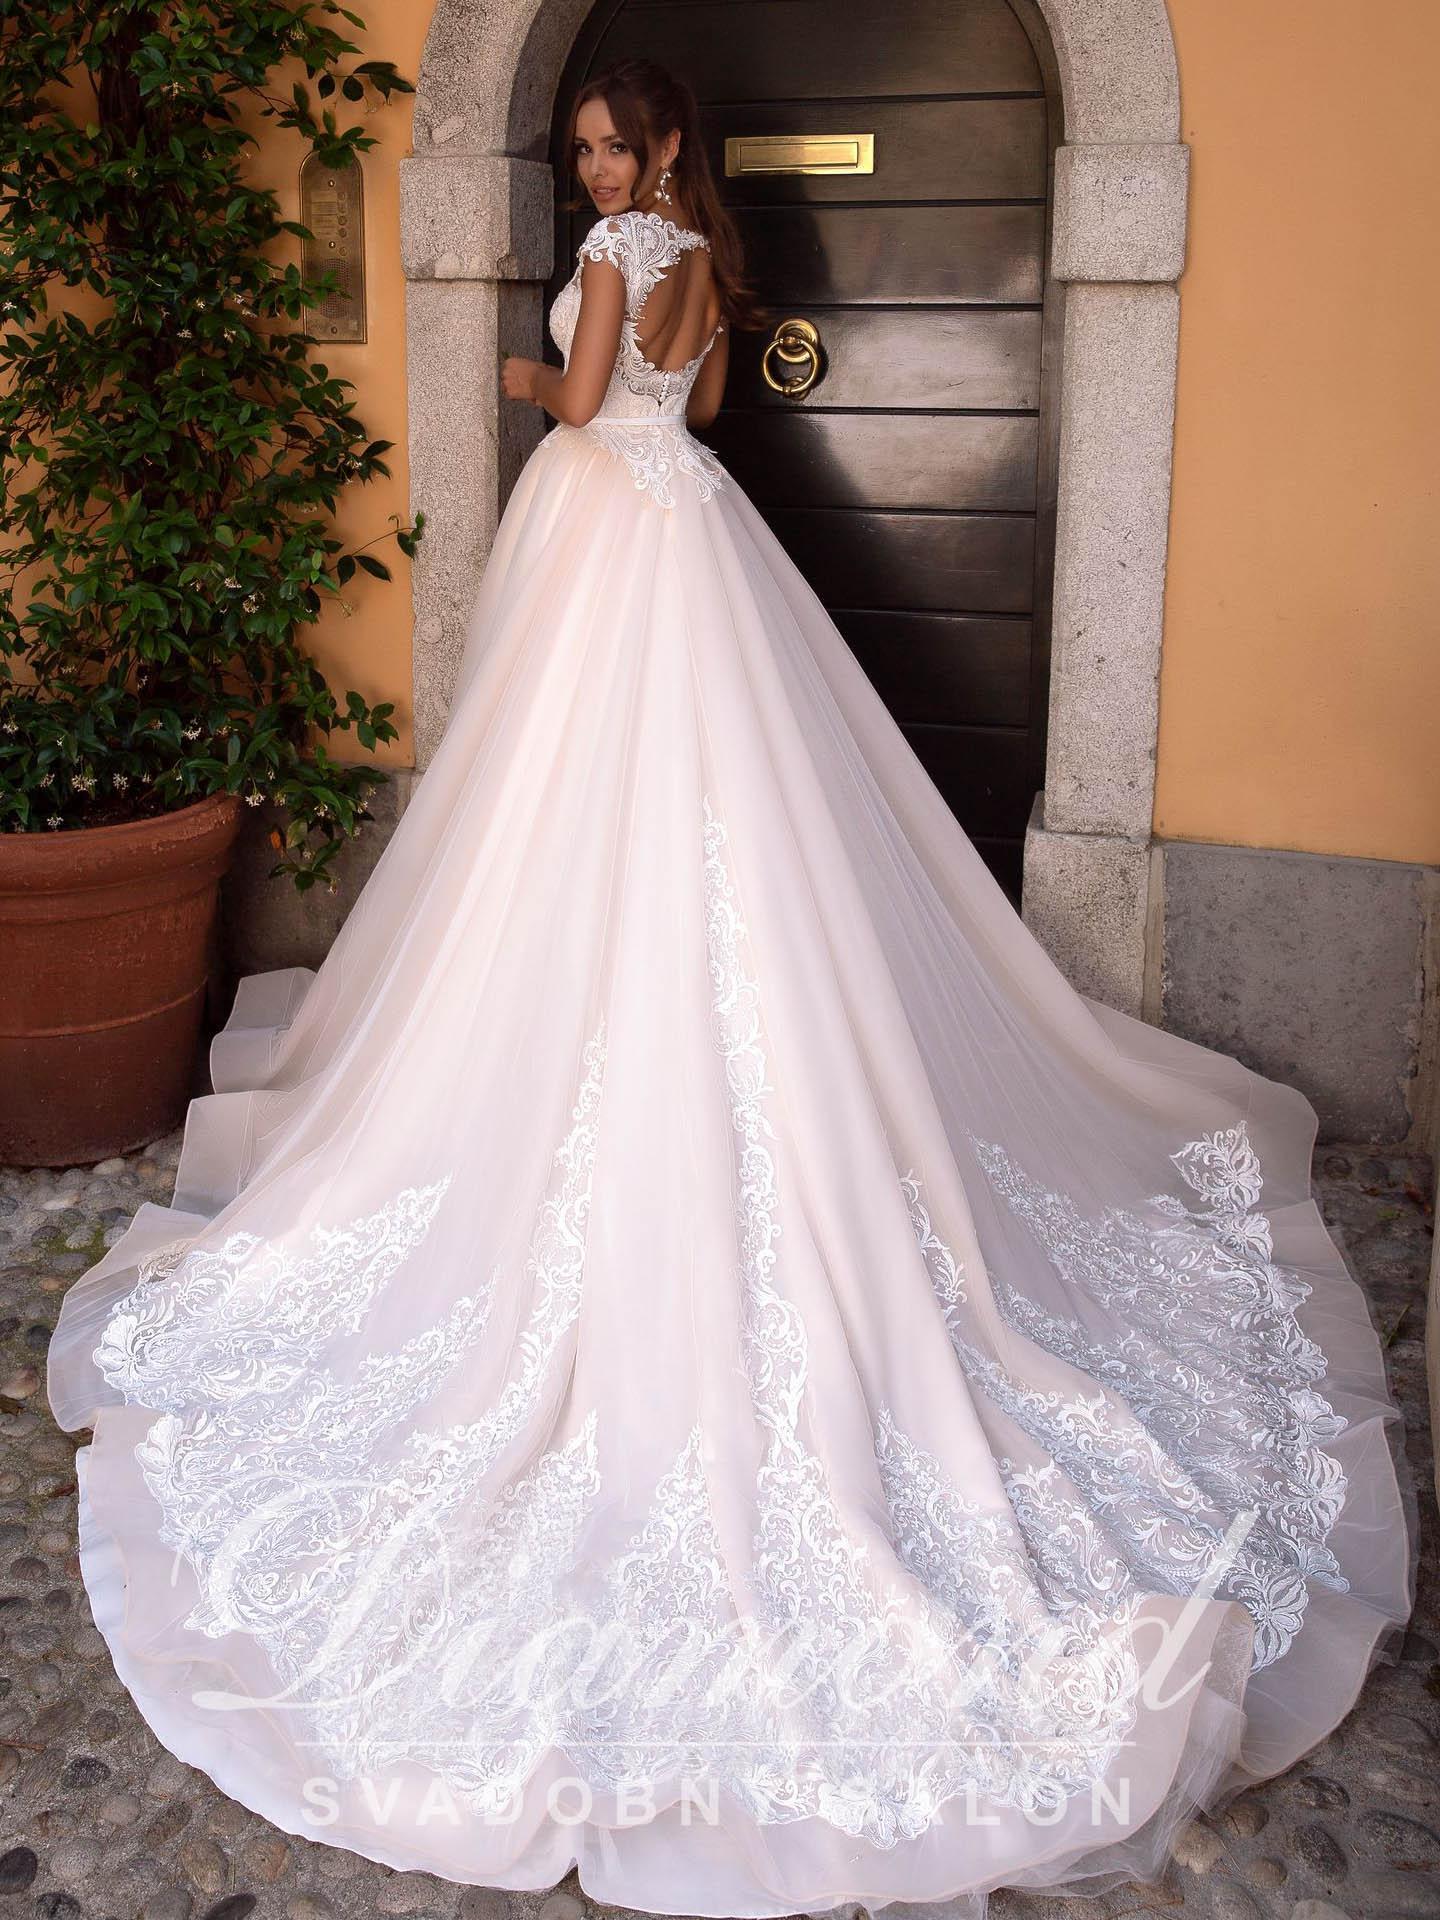 Nové svadobné šaty ♥Penrose♥ v Nitre - Obrázok č. 3